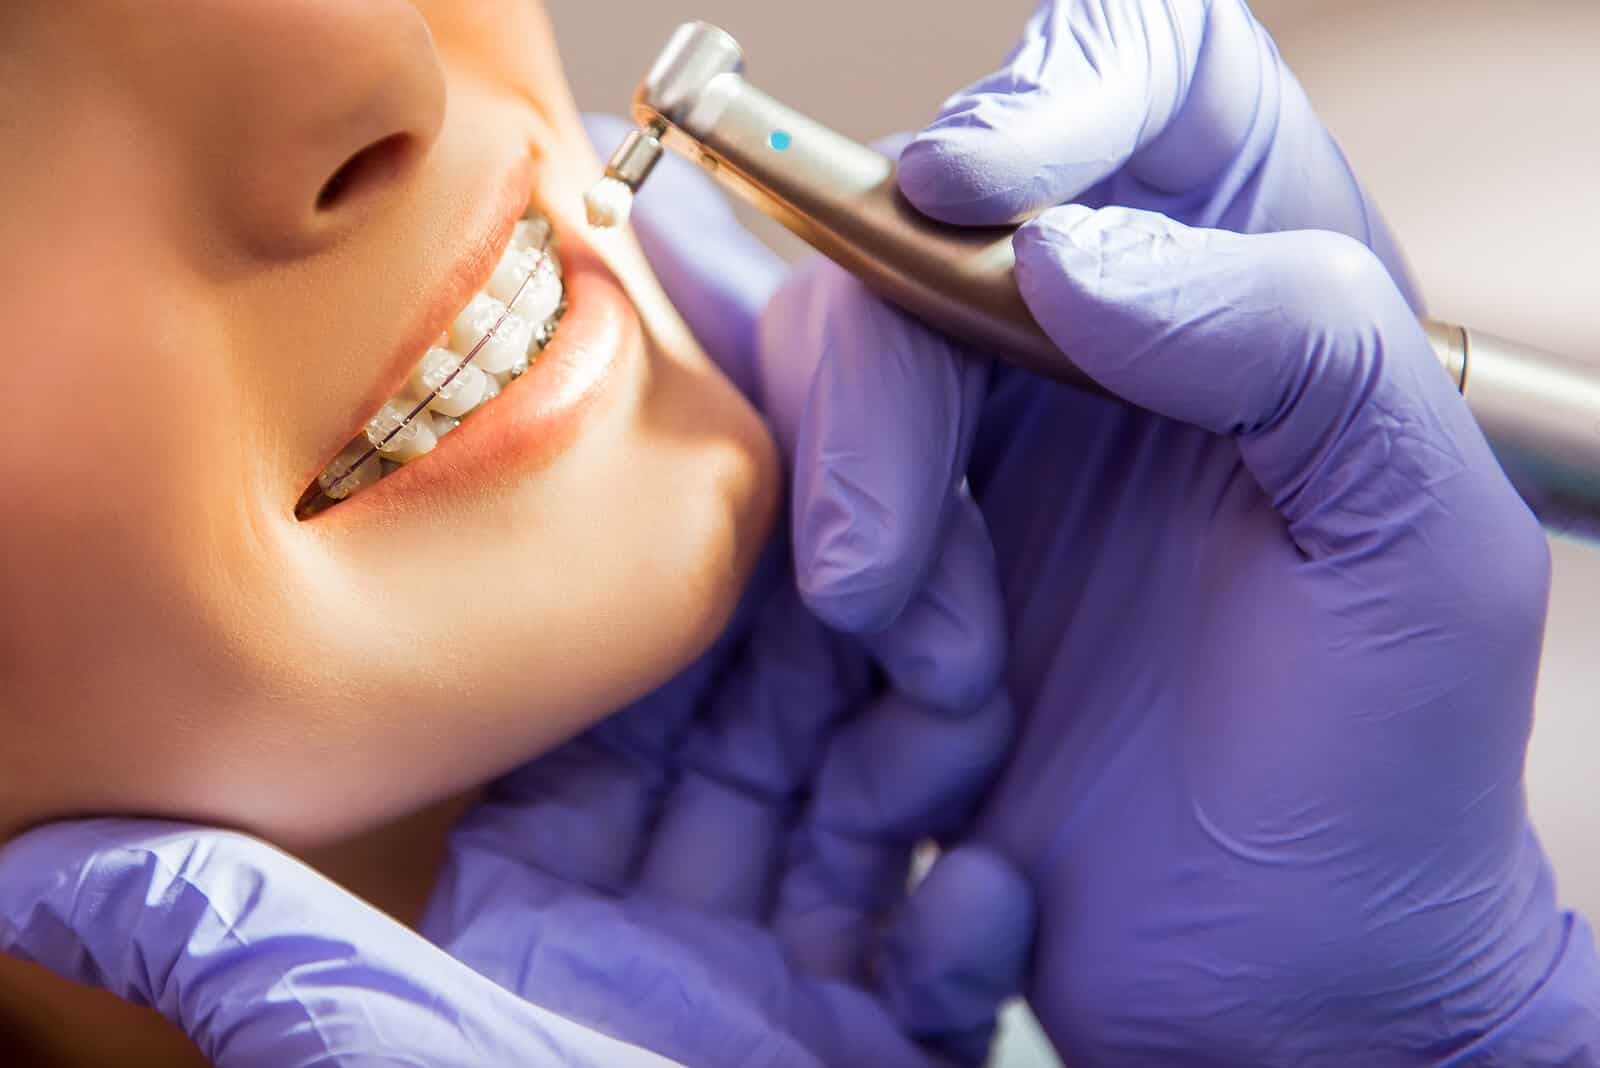 Через сколько проходит анестезия зуба — классификация разновидностей процедуры